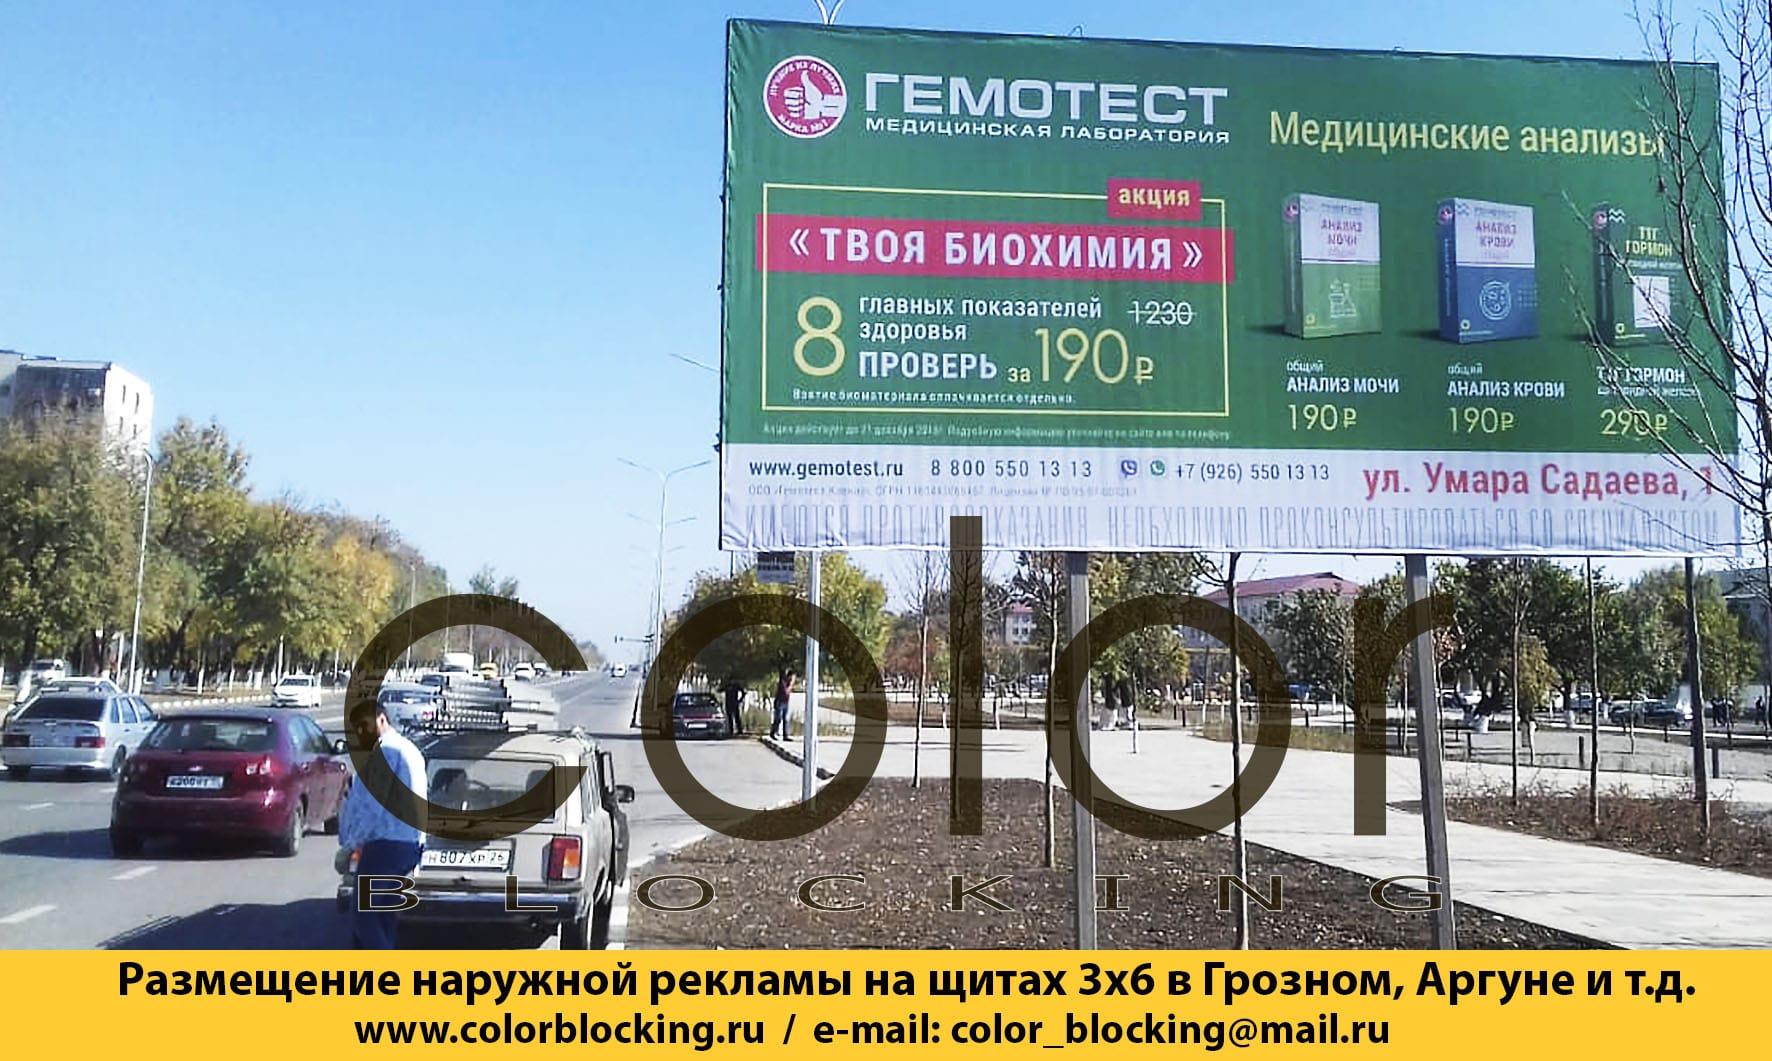 Щиты 3х6 в Грозном оператор